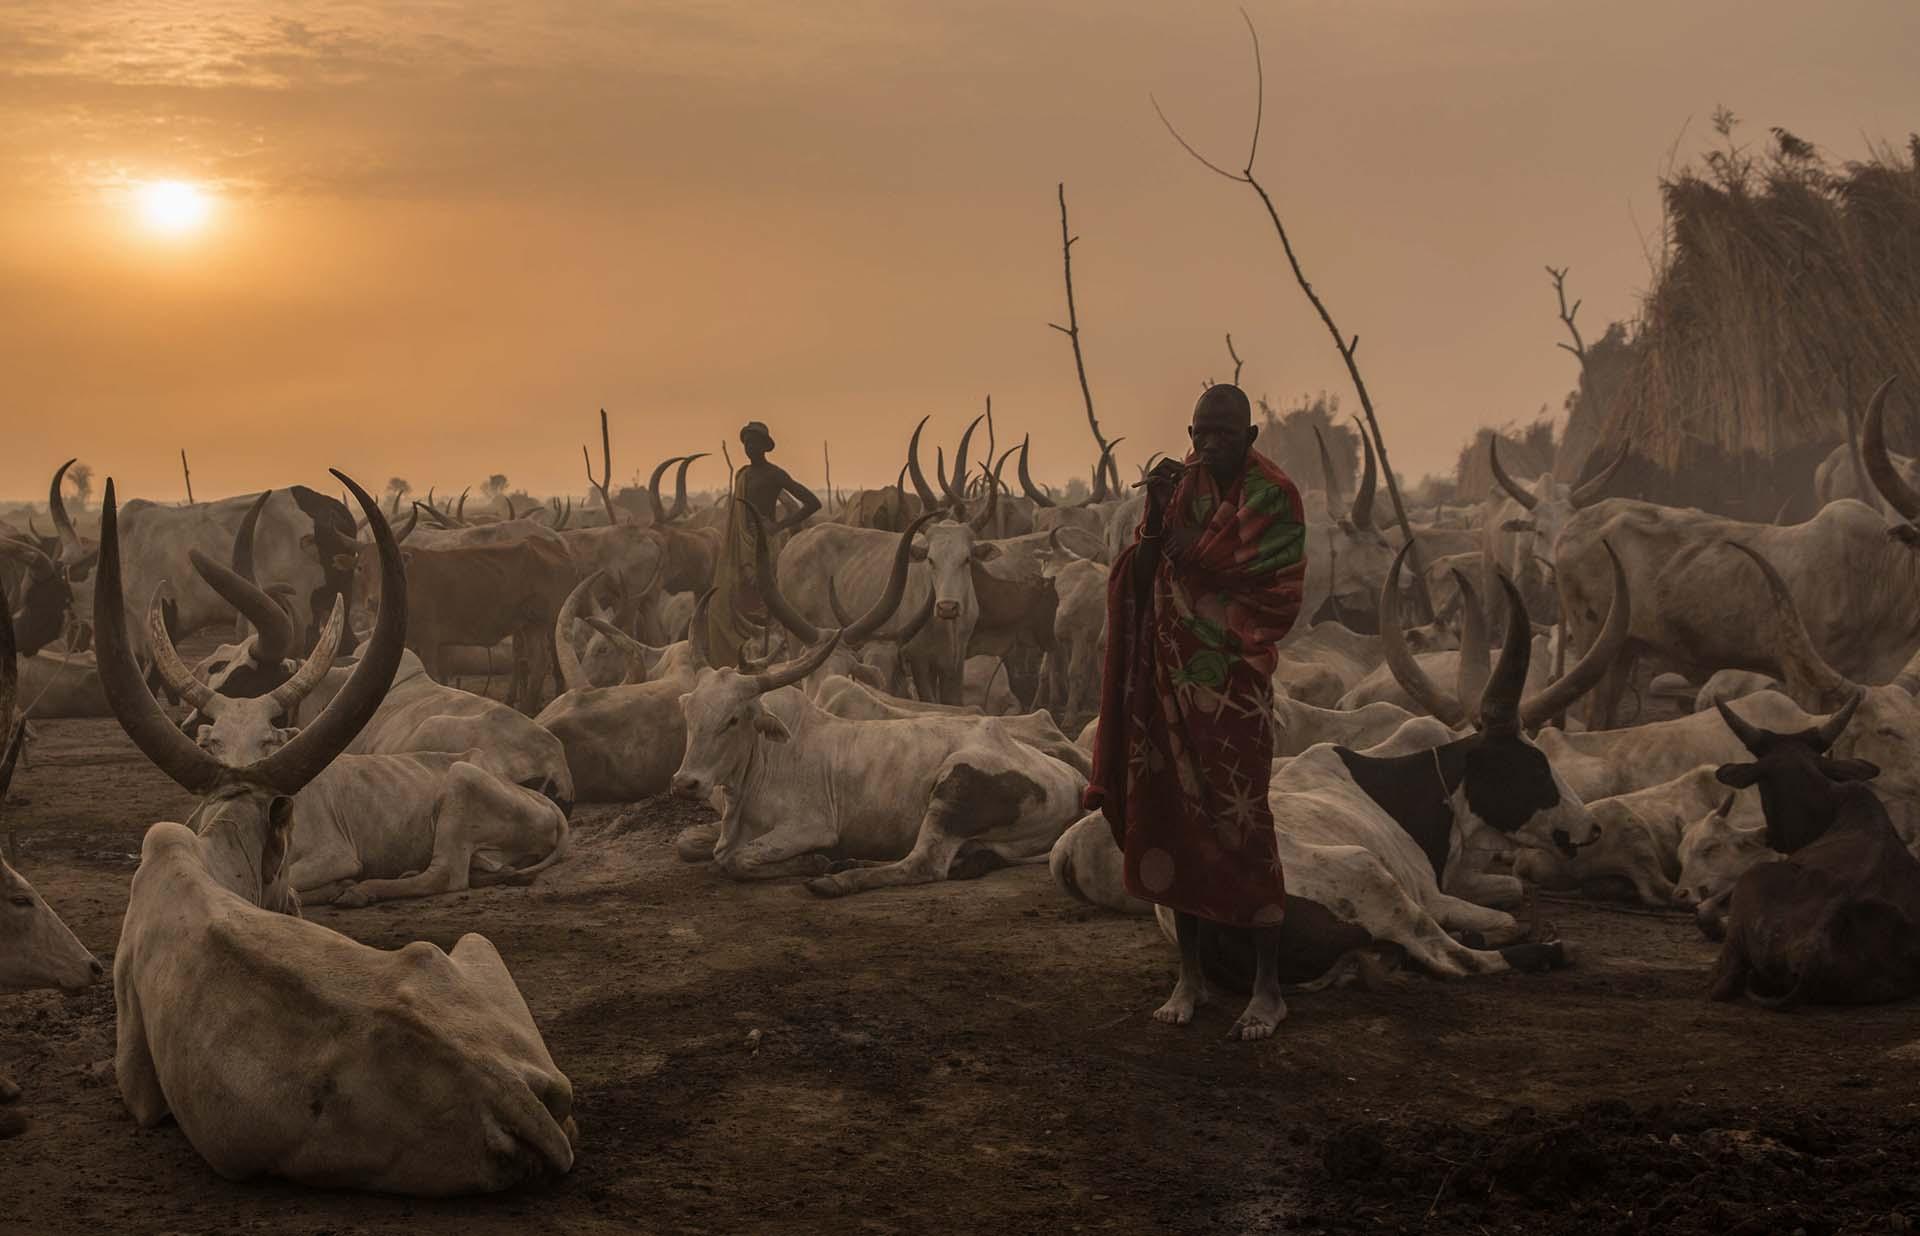 Un miembrode la tribu Dinka en su campo de pastoreo en Mingkaman, al sur de Sudán, el 3 de marzo